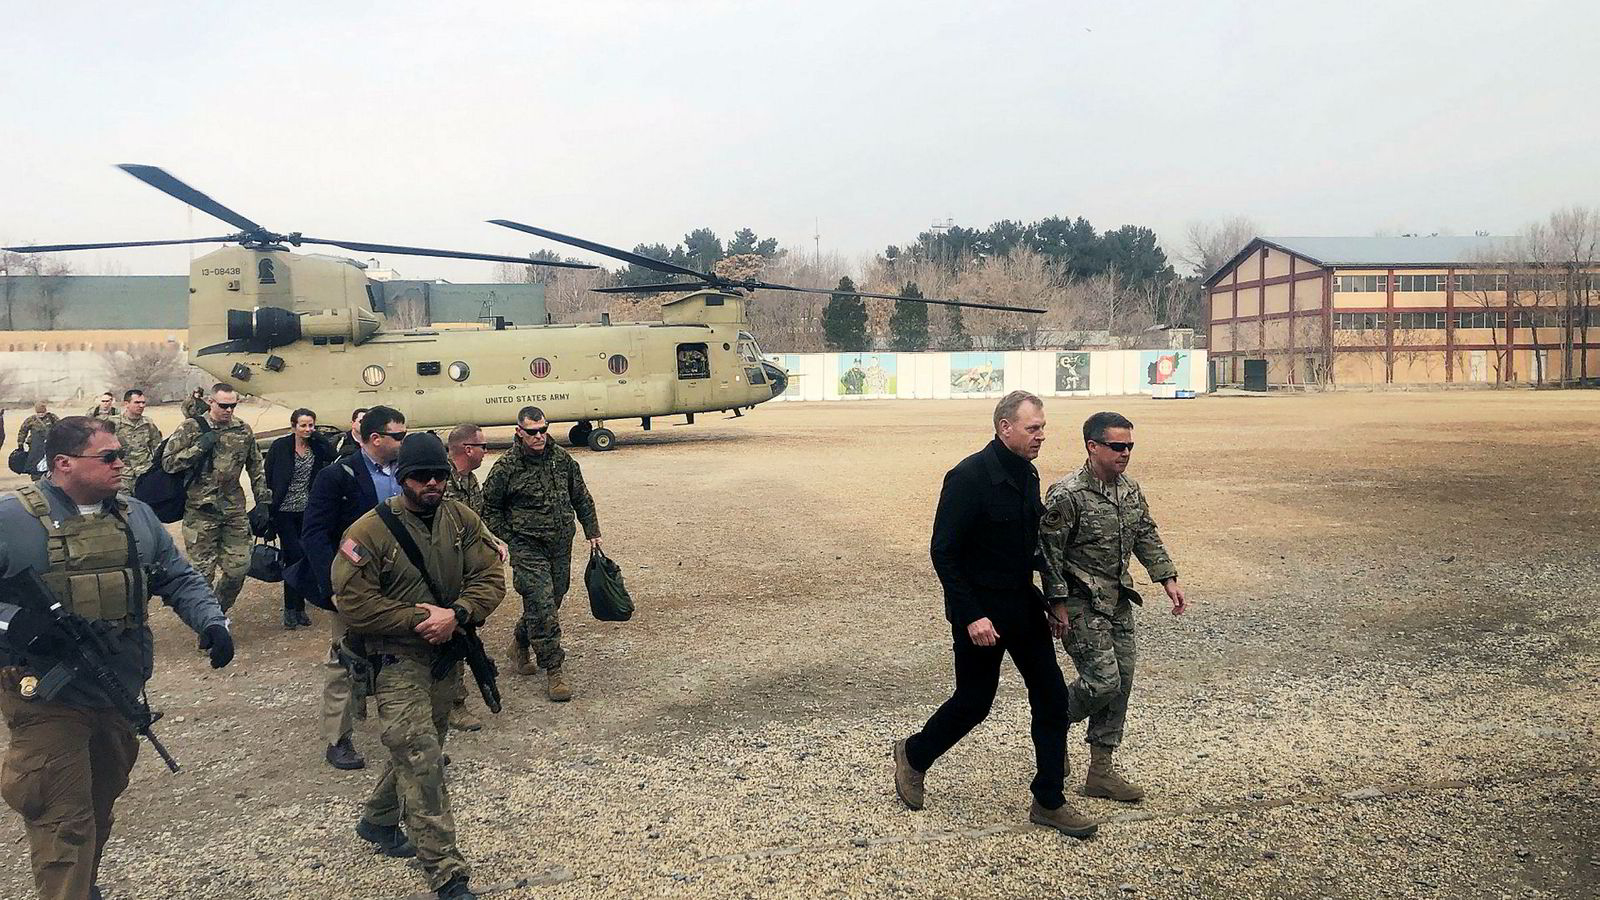 USAs fungerende forsvarsminister Patrick Shanahan (56) har vært på et uanmeldt besøk i Kabul. Nå går turen til Natos forsvarsministermøte i Brussel.